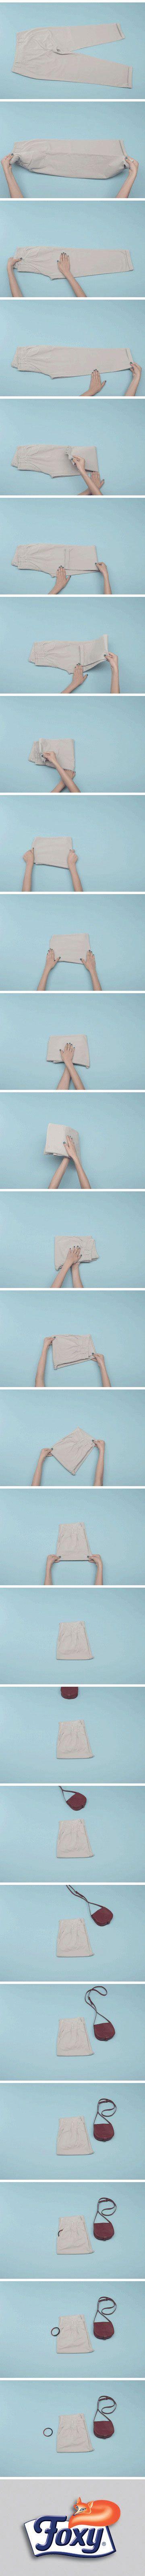 A casa vostra chi è che porta i pantaloni?   Chiunque sia, a fine giornata vanno piegati con cura.   Scopri qui come fare: http://www.foxymega.it/minimize/impara-tecnica-di-piega.php?id=Pantaloni  #minimizr #foxymega #pantaloni